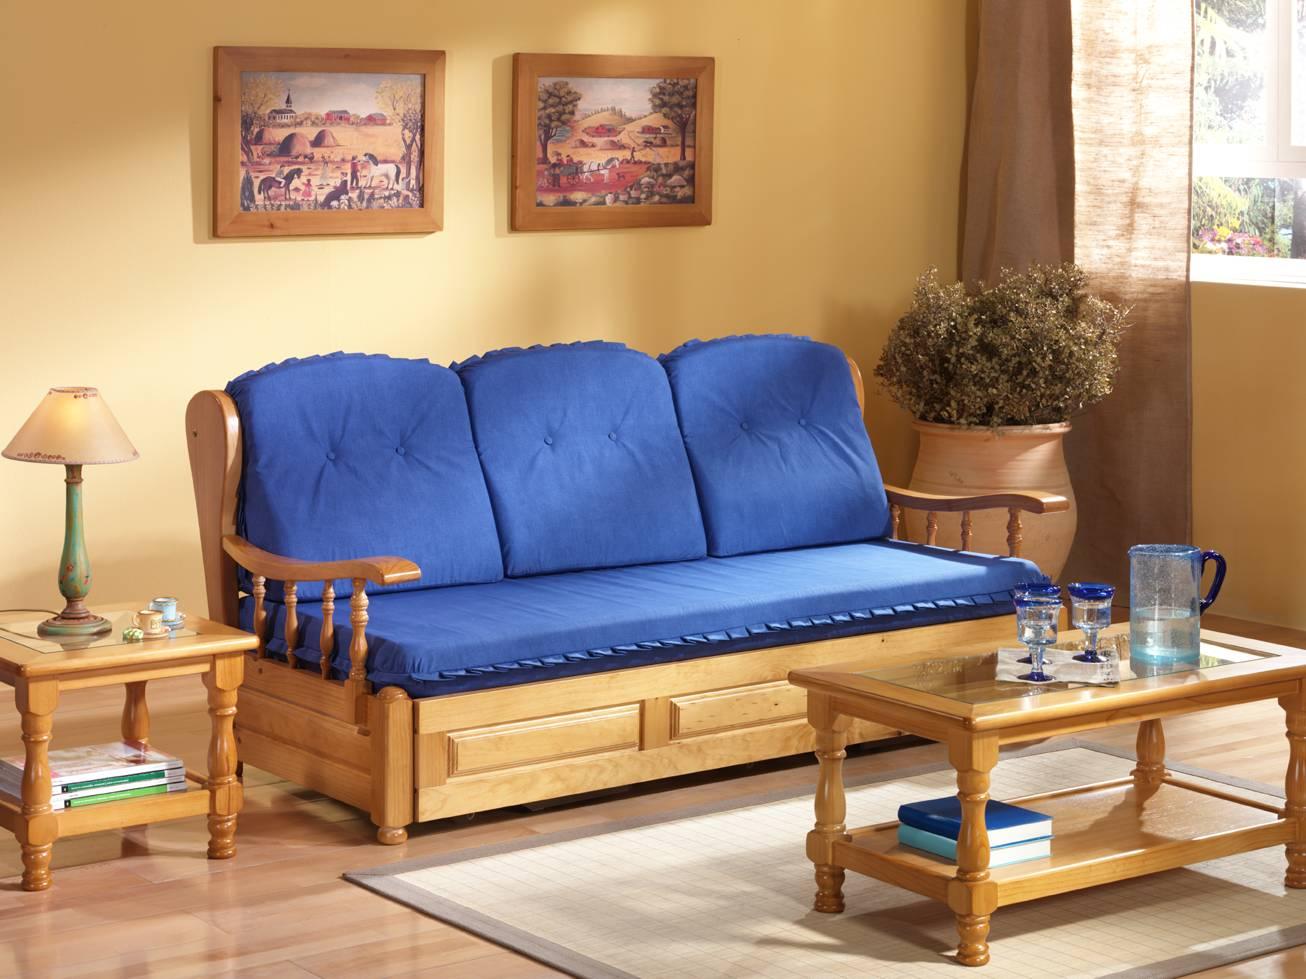 Como tapizar un sofa elegant excellent sillon sofa - Tapizar sofa en casa ...